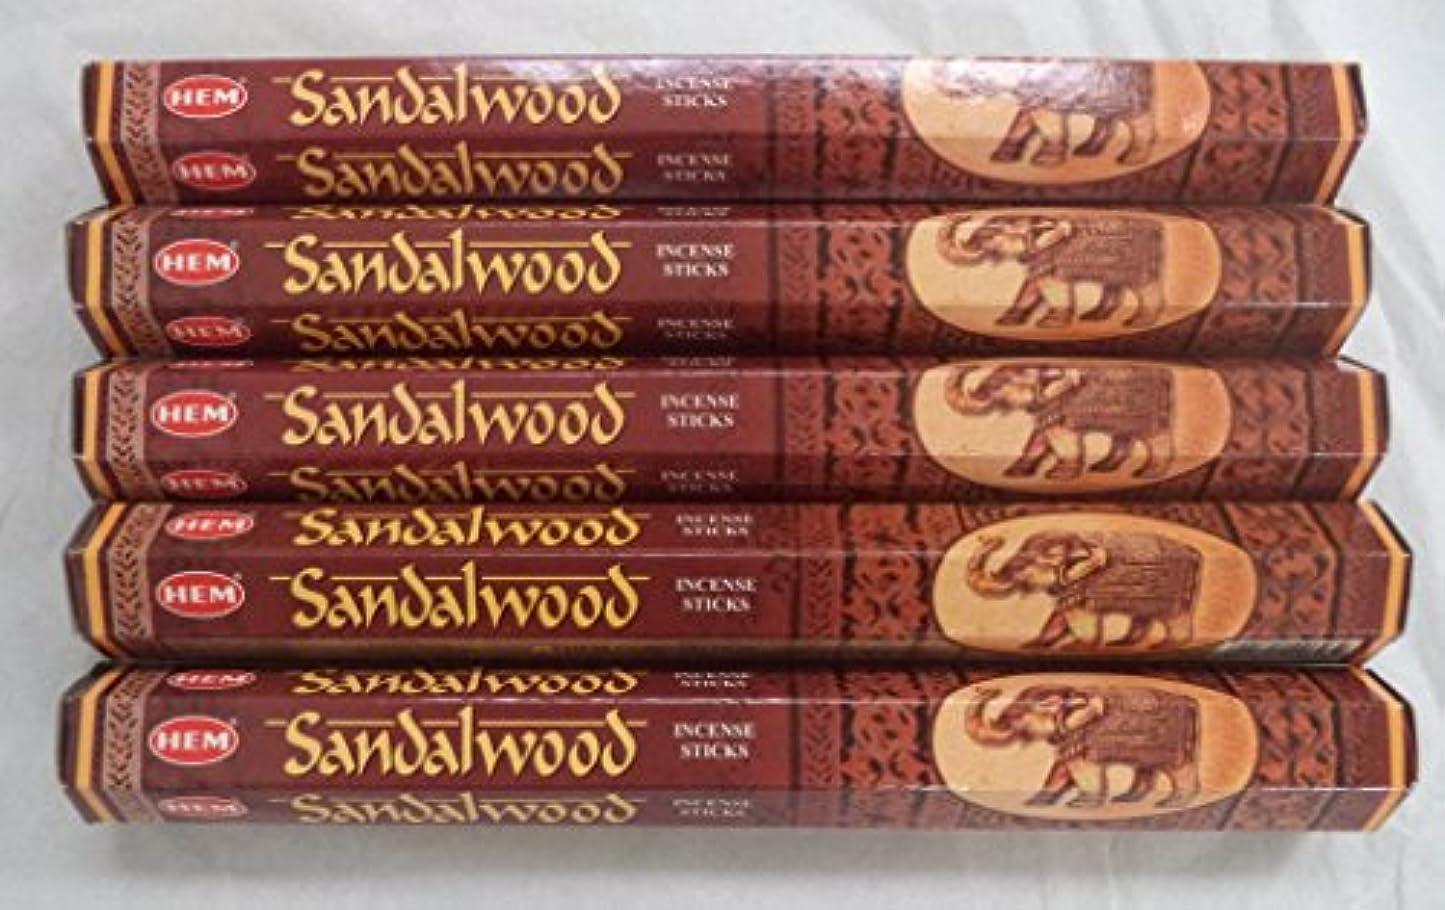 割り当てる非行焦げHemサンダルウッド100 Incense Sticks ( 5 x 20スティックパック)